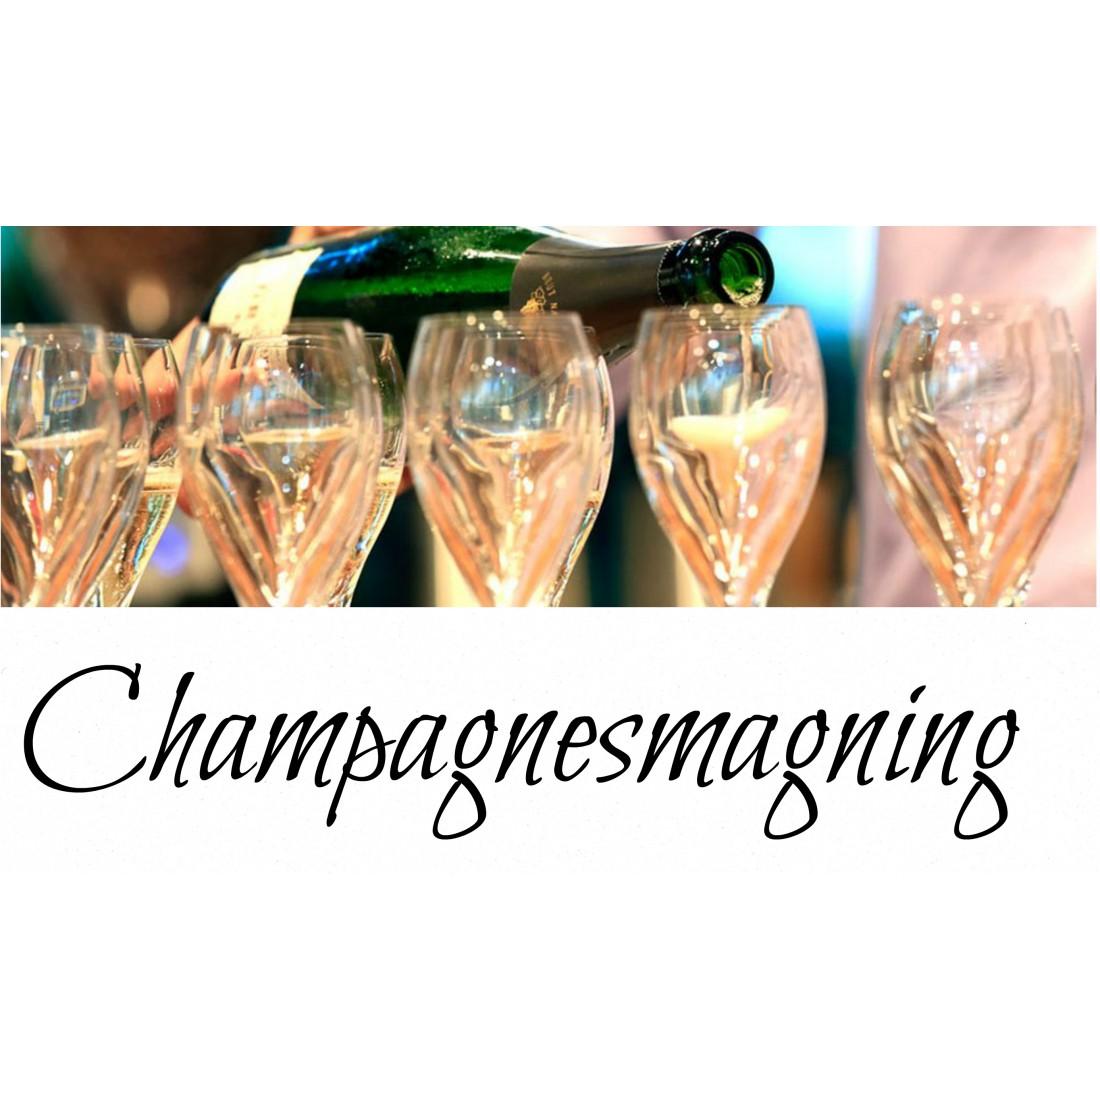 Champagnesmagning lørdag den 20 juli kl. 19.00 I ChampagneKælderen-31